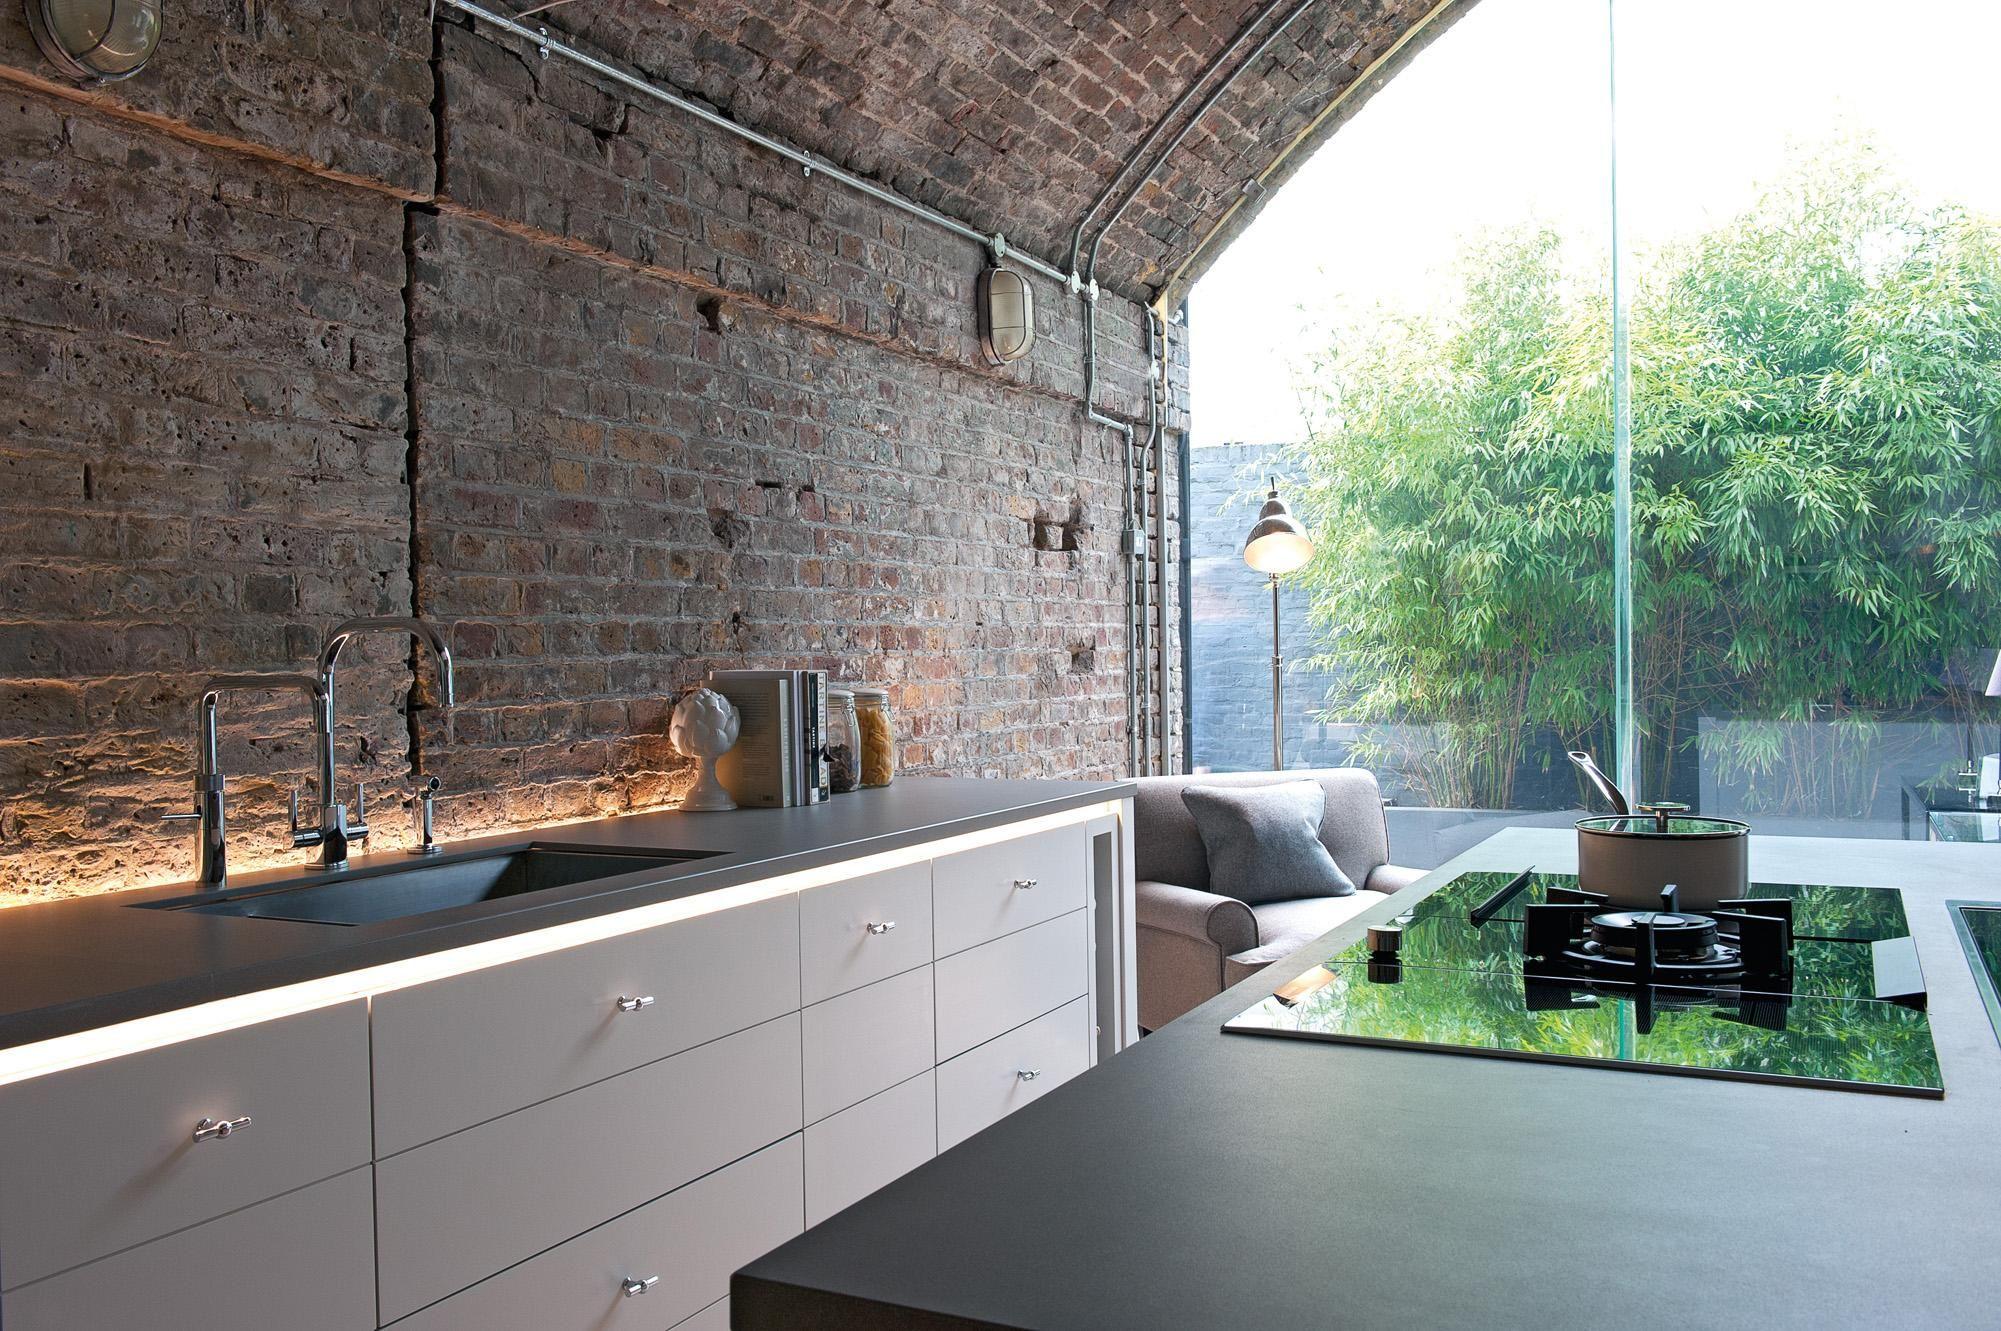 Industrie-Chic Küche mit Panoramafenster #küche #woh